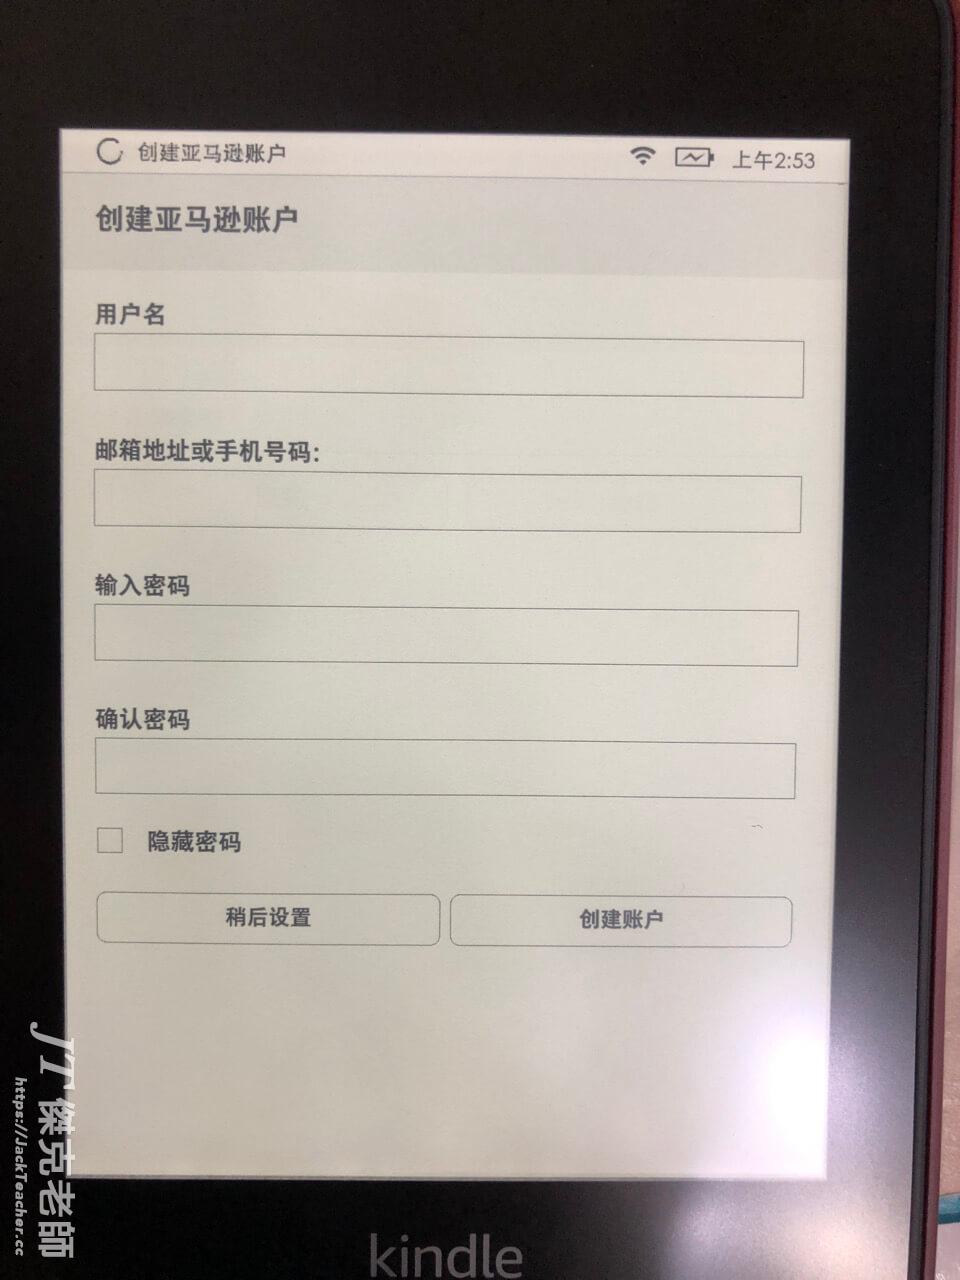 建立帳號或登入,這個部份,建議登入中國的Amazon帳號,因為簡體書非常便宜